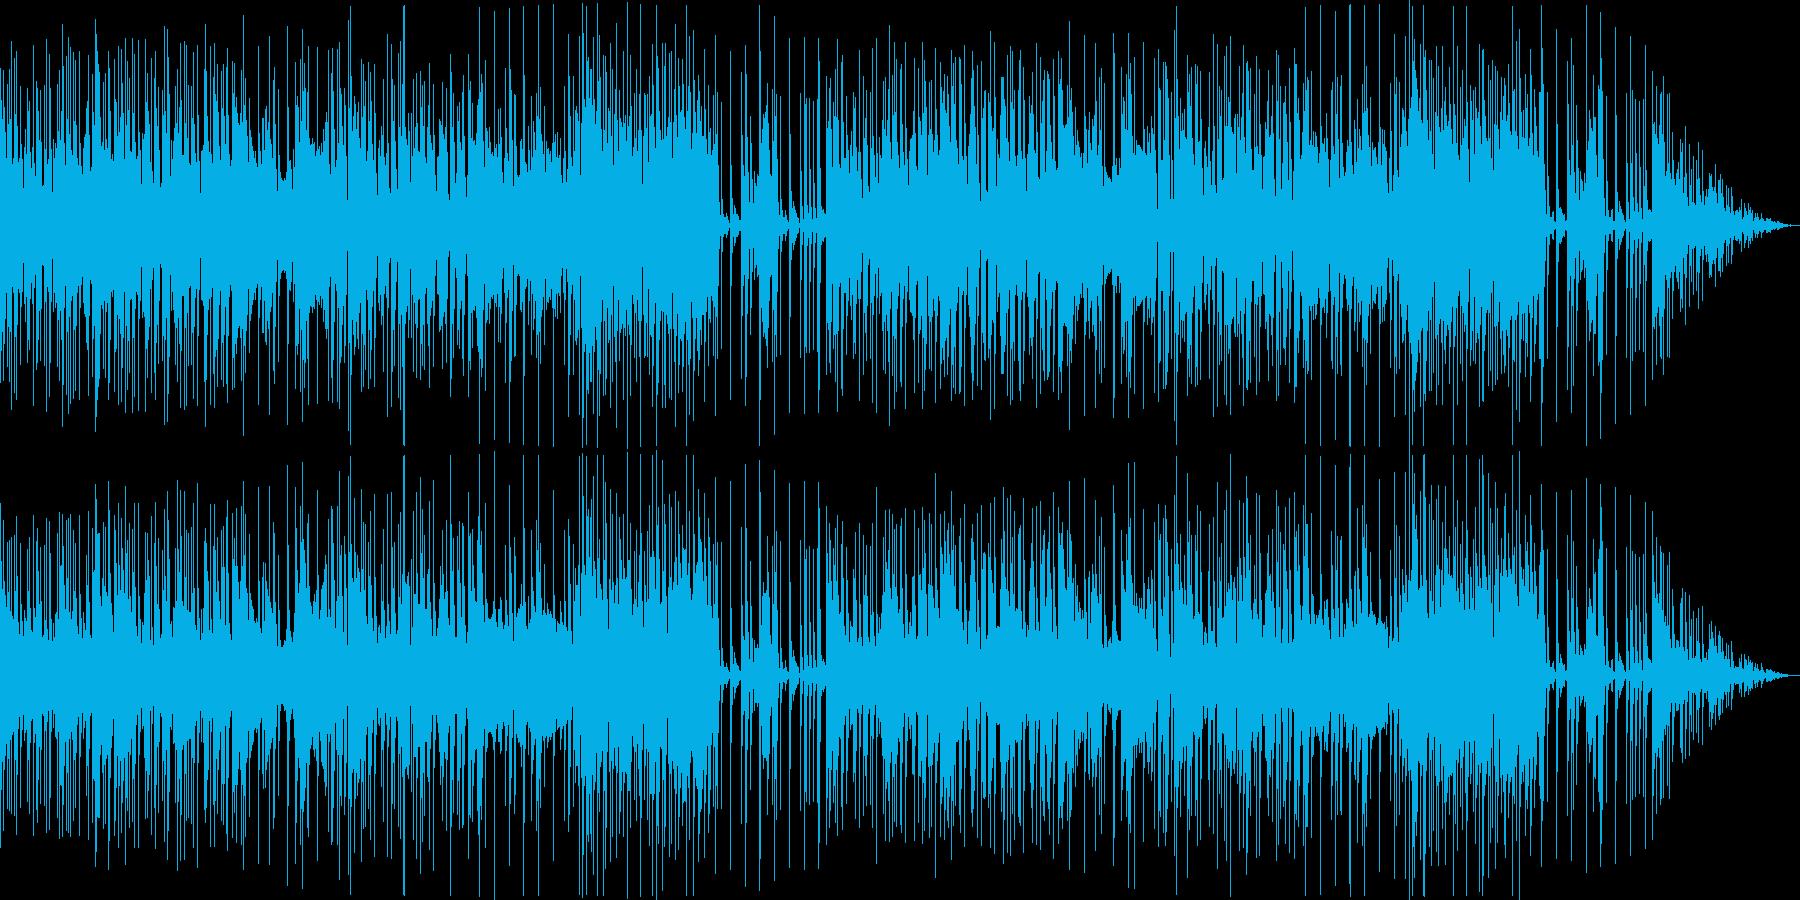 探偵・ミステリー系に適したムーディーな曲の再生済みの波形